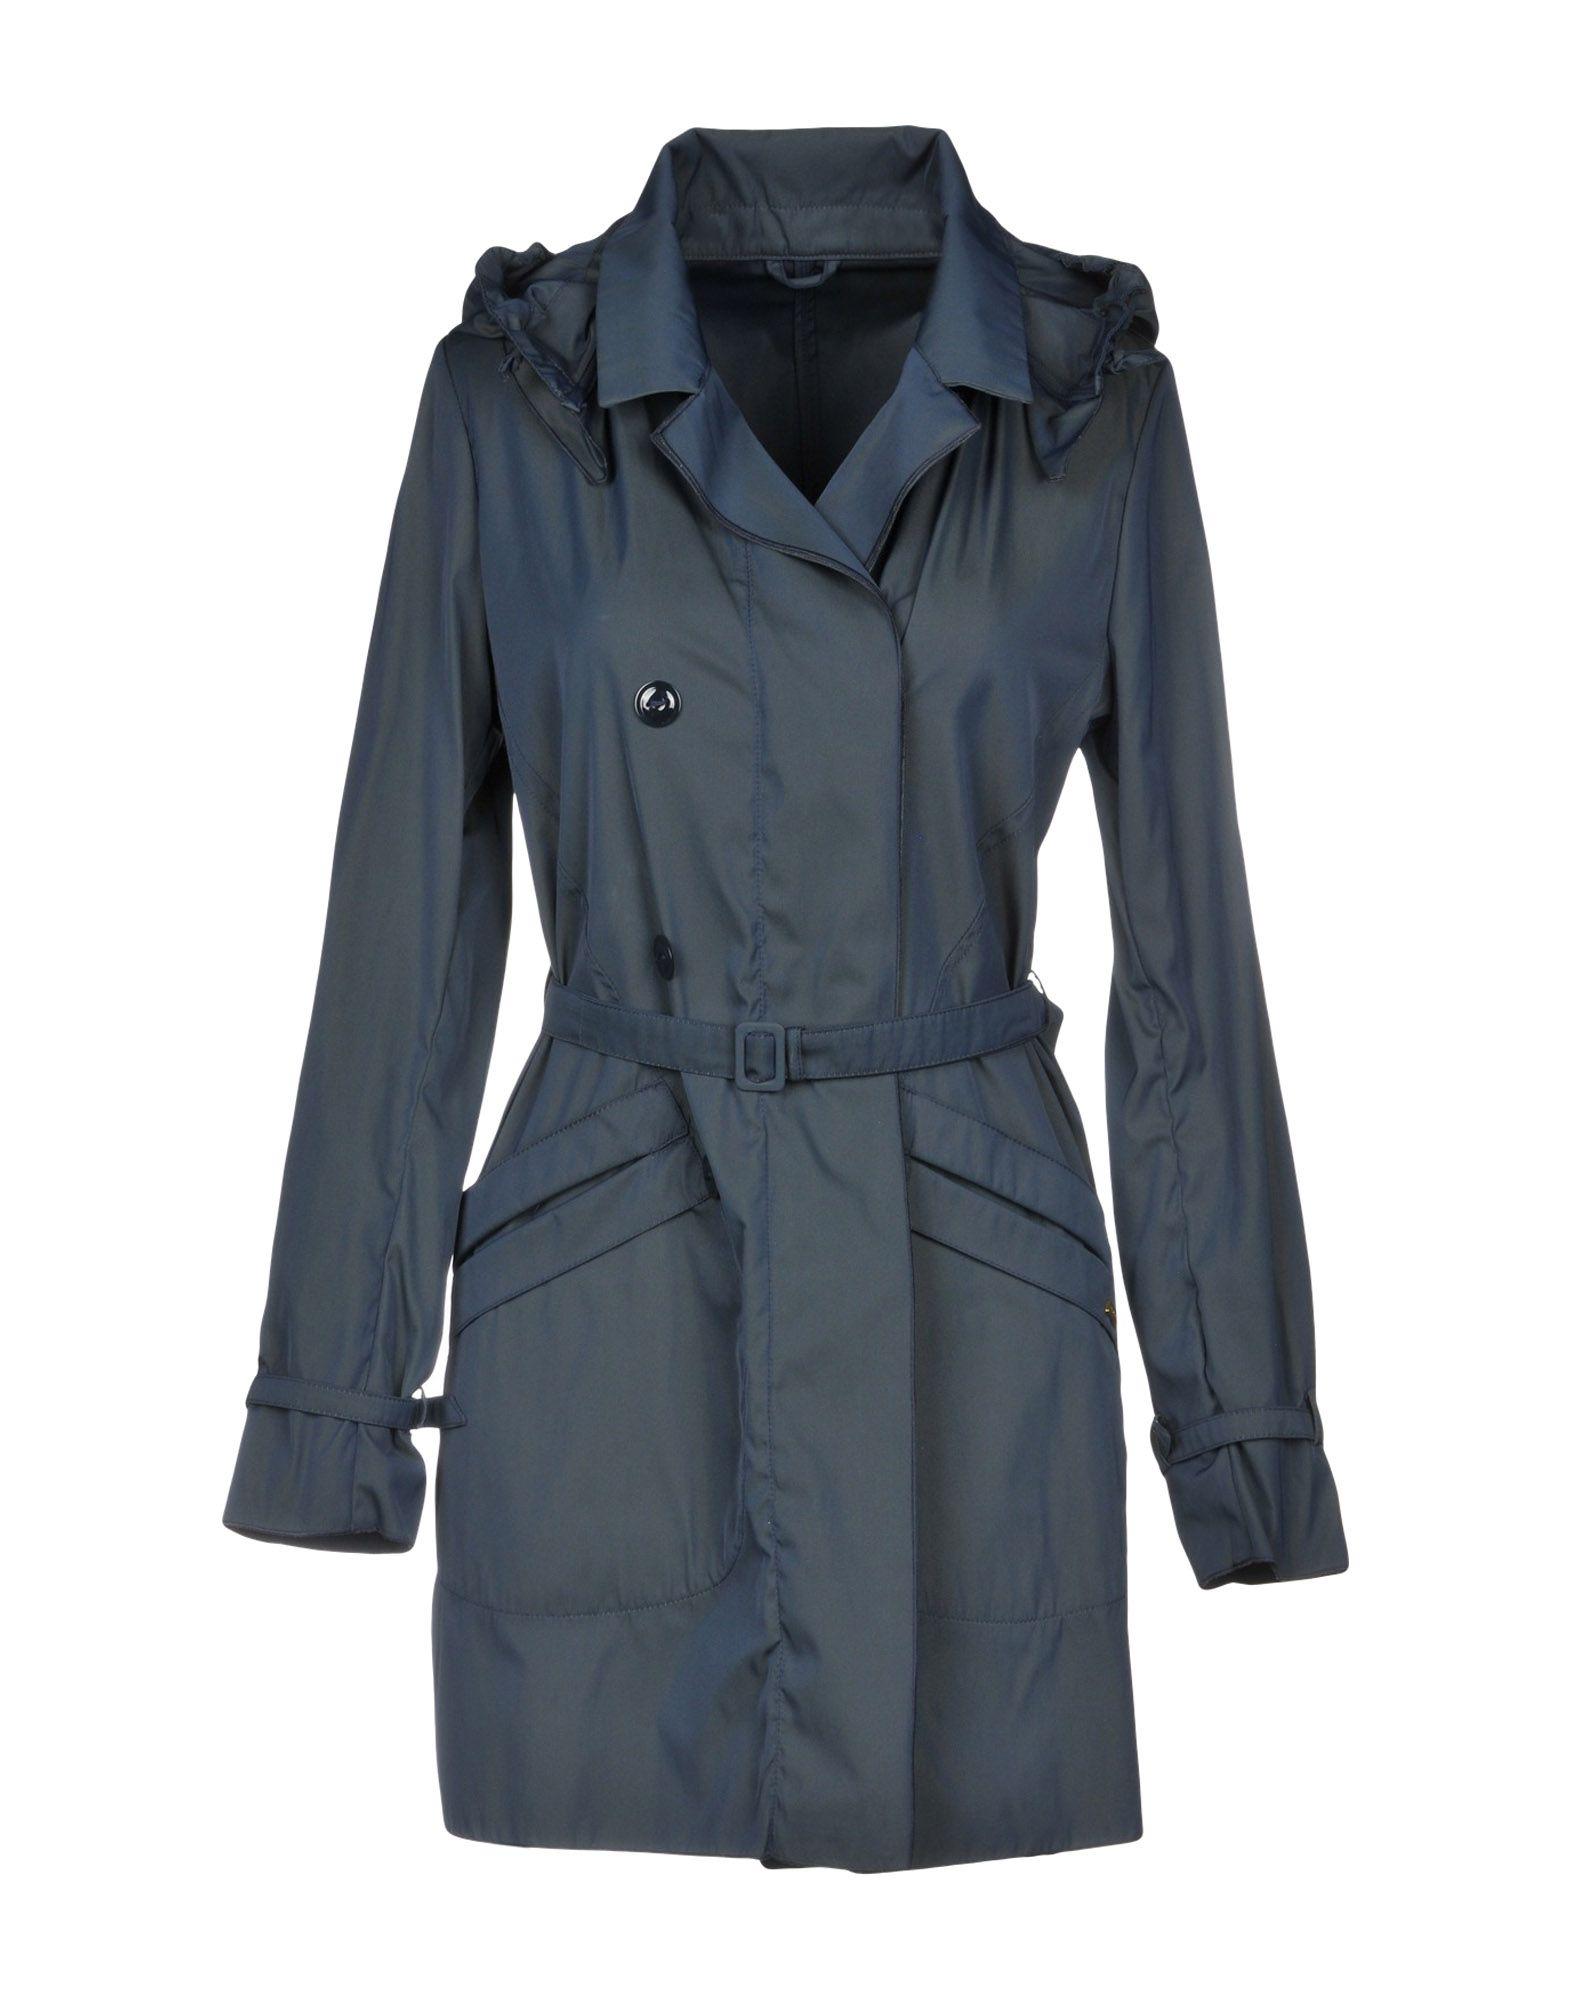 VIOLANTI Double Breasted Pea Coat in Dark Blue